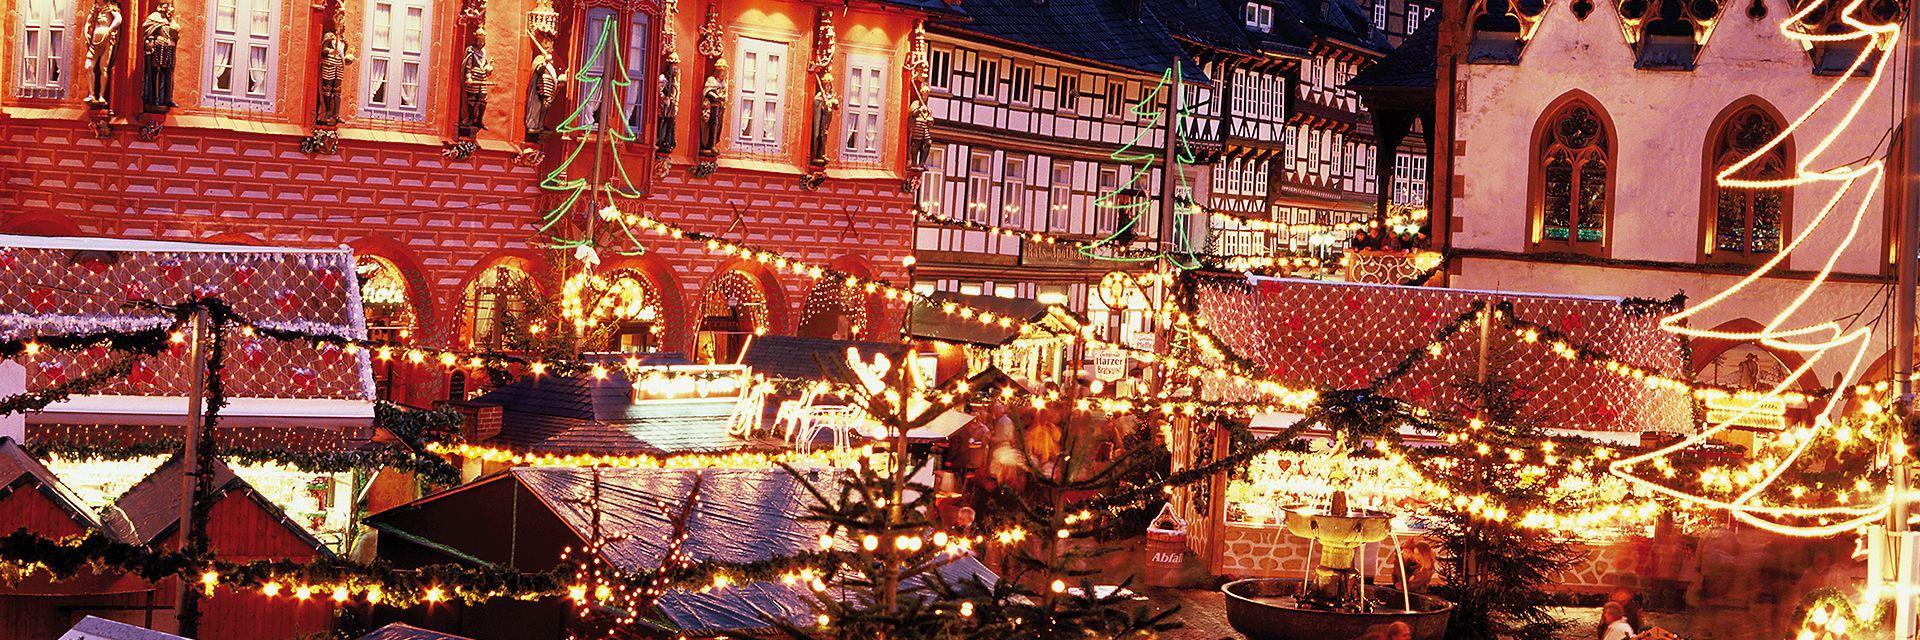 julemarked i goslar